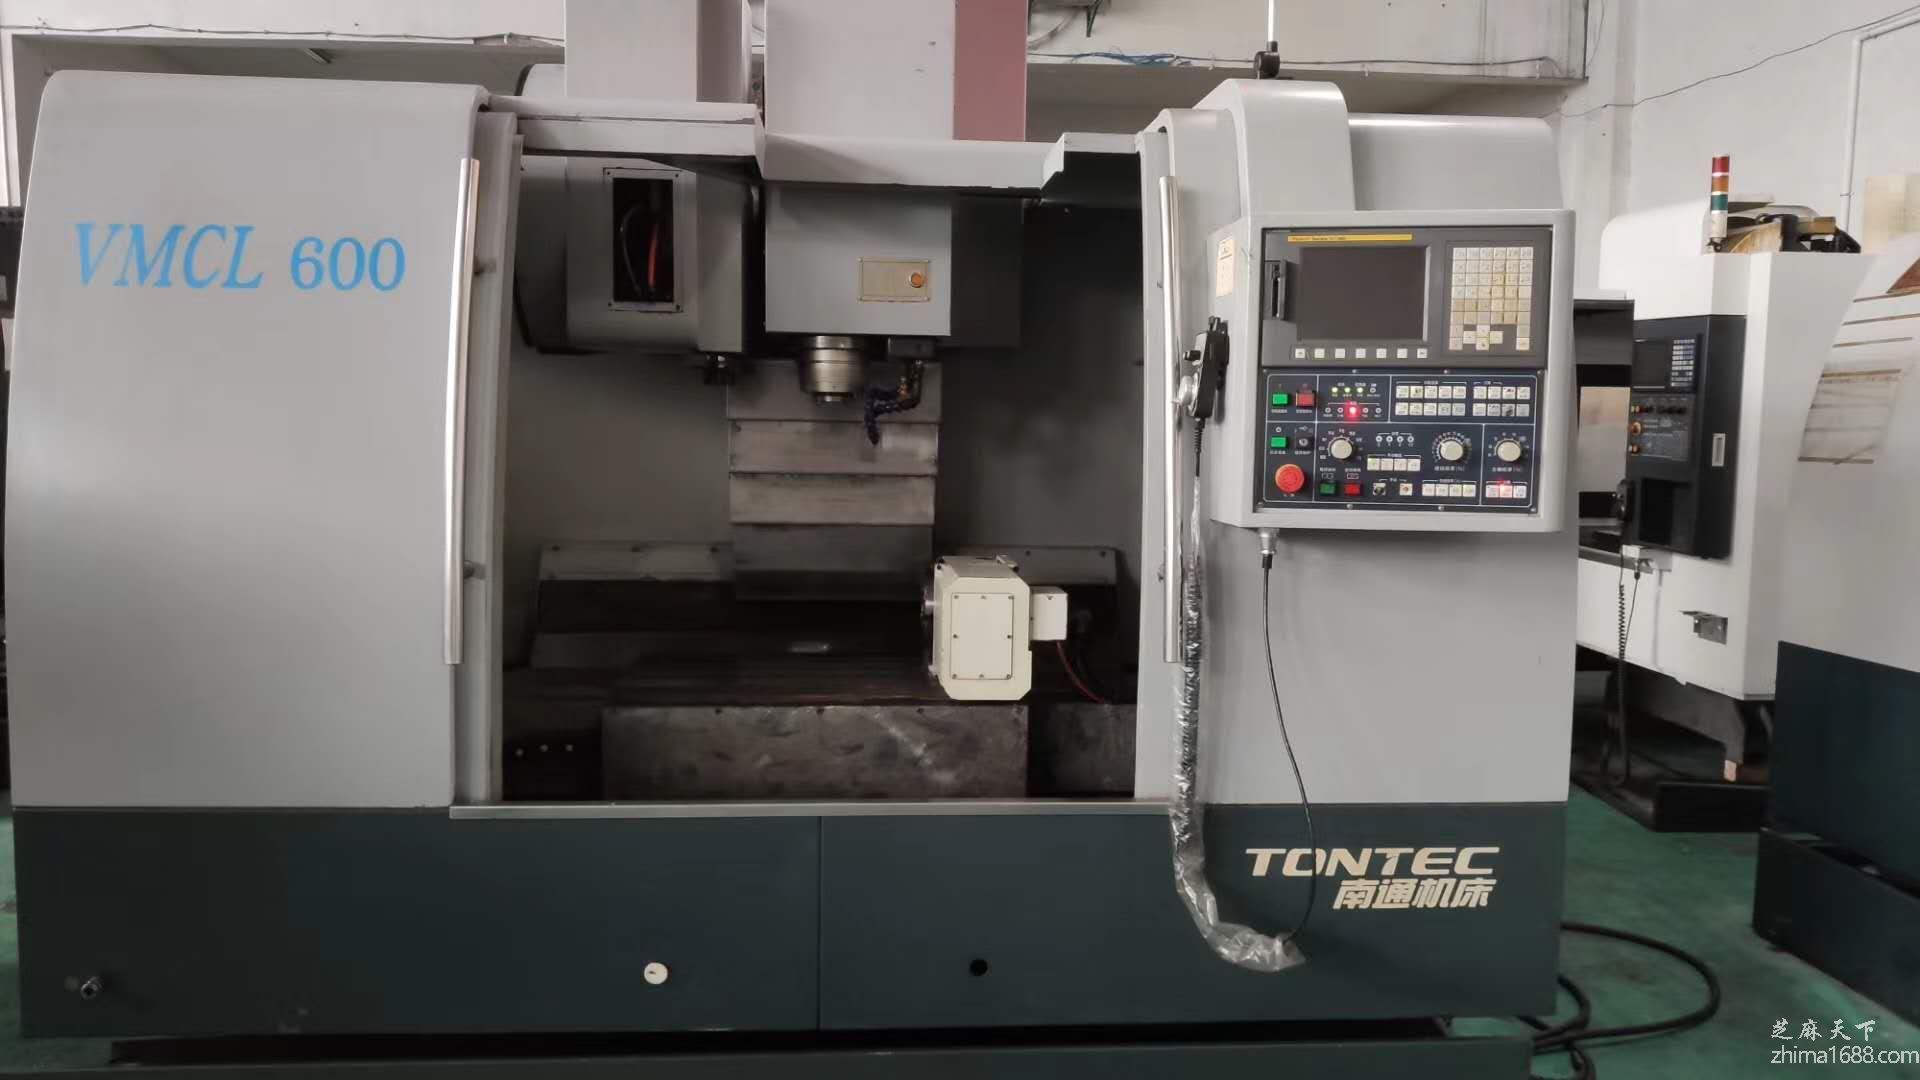 二手南通科技VMCL600加工中心(650)